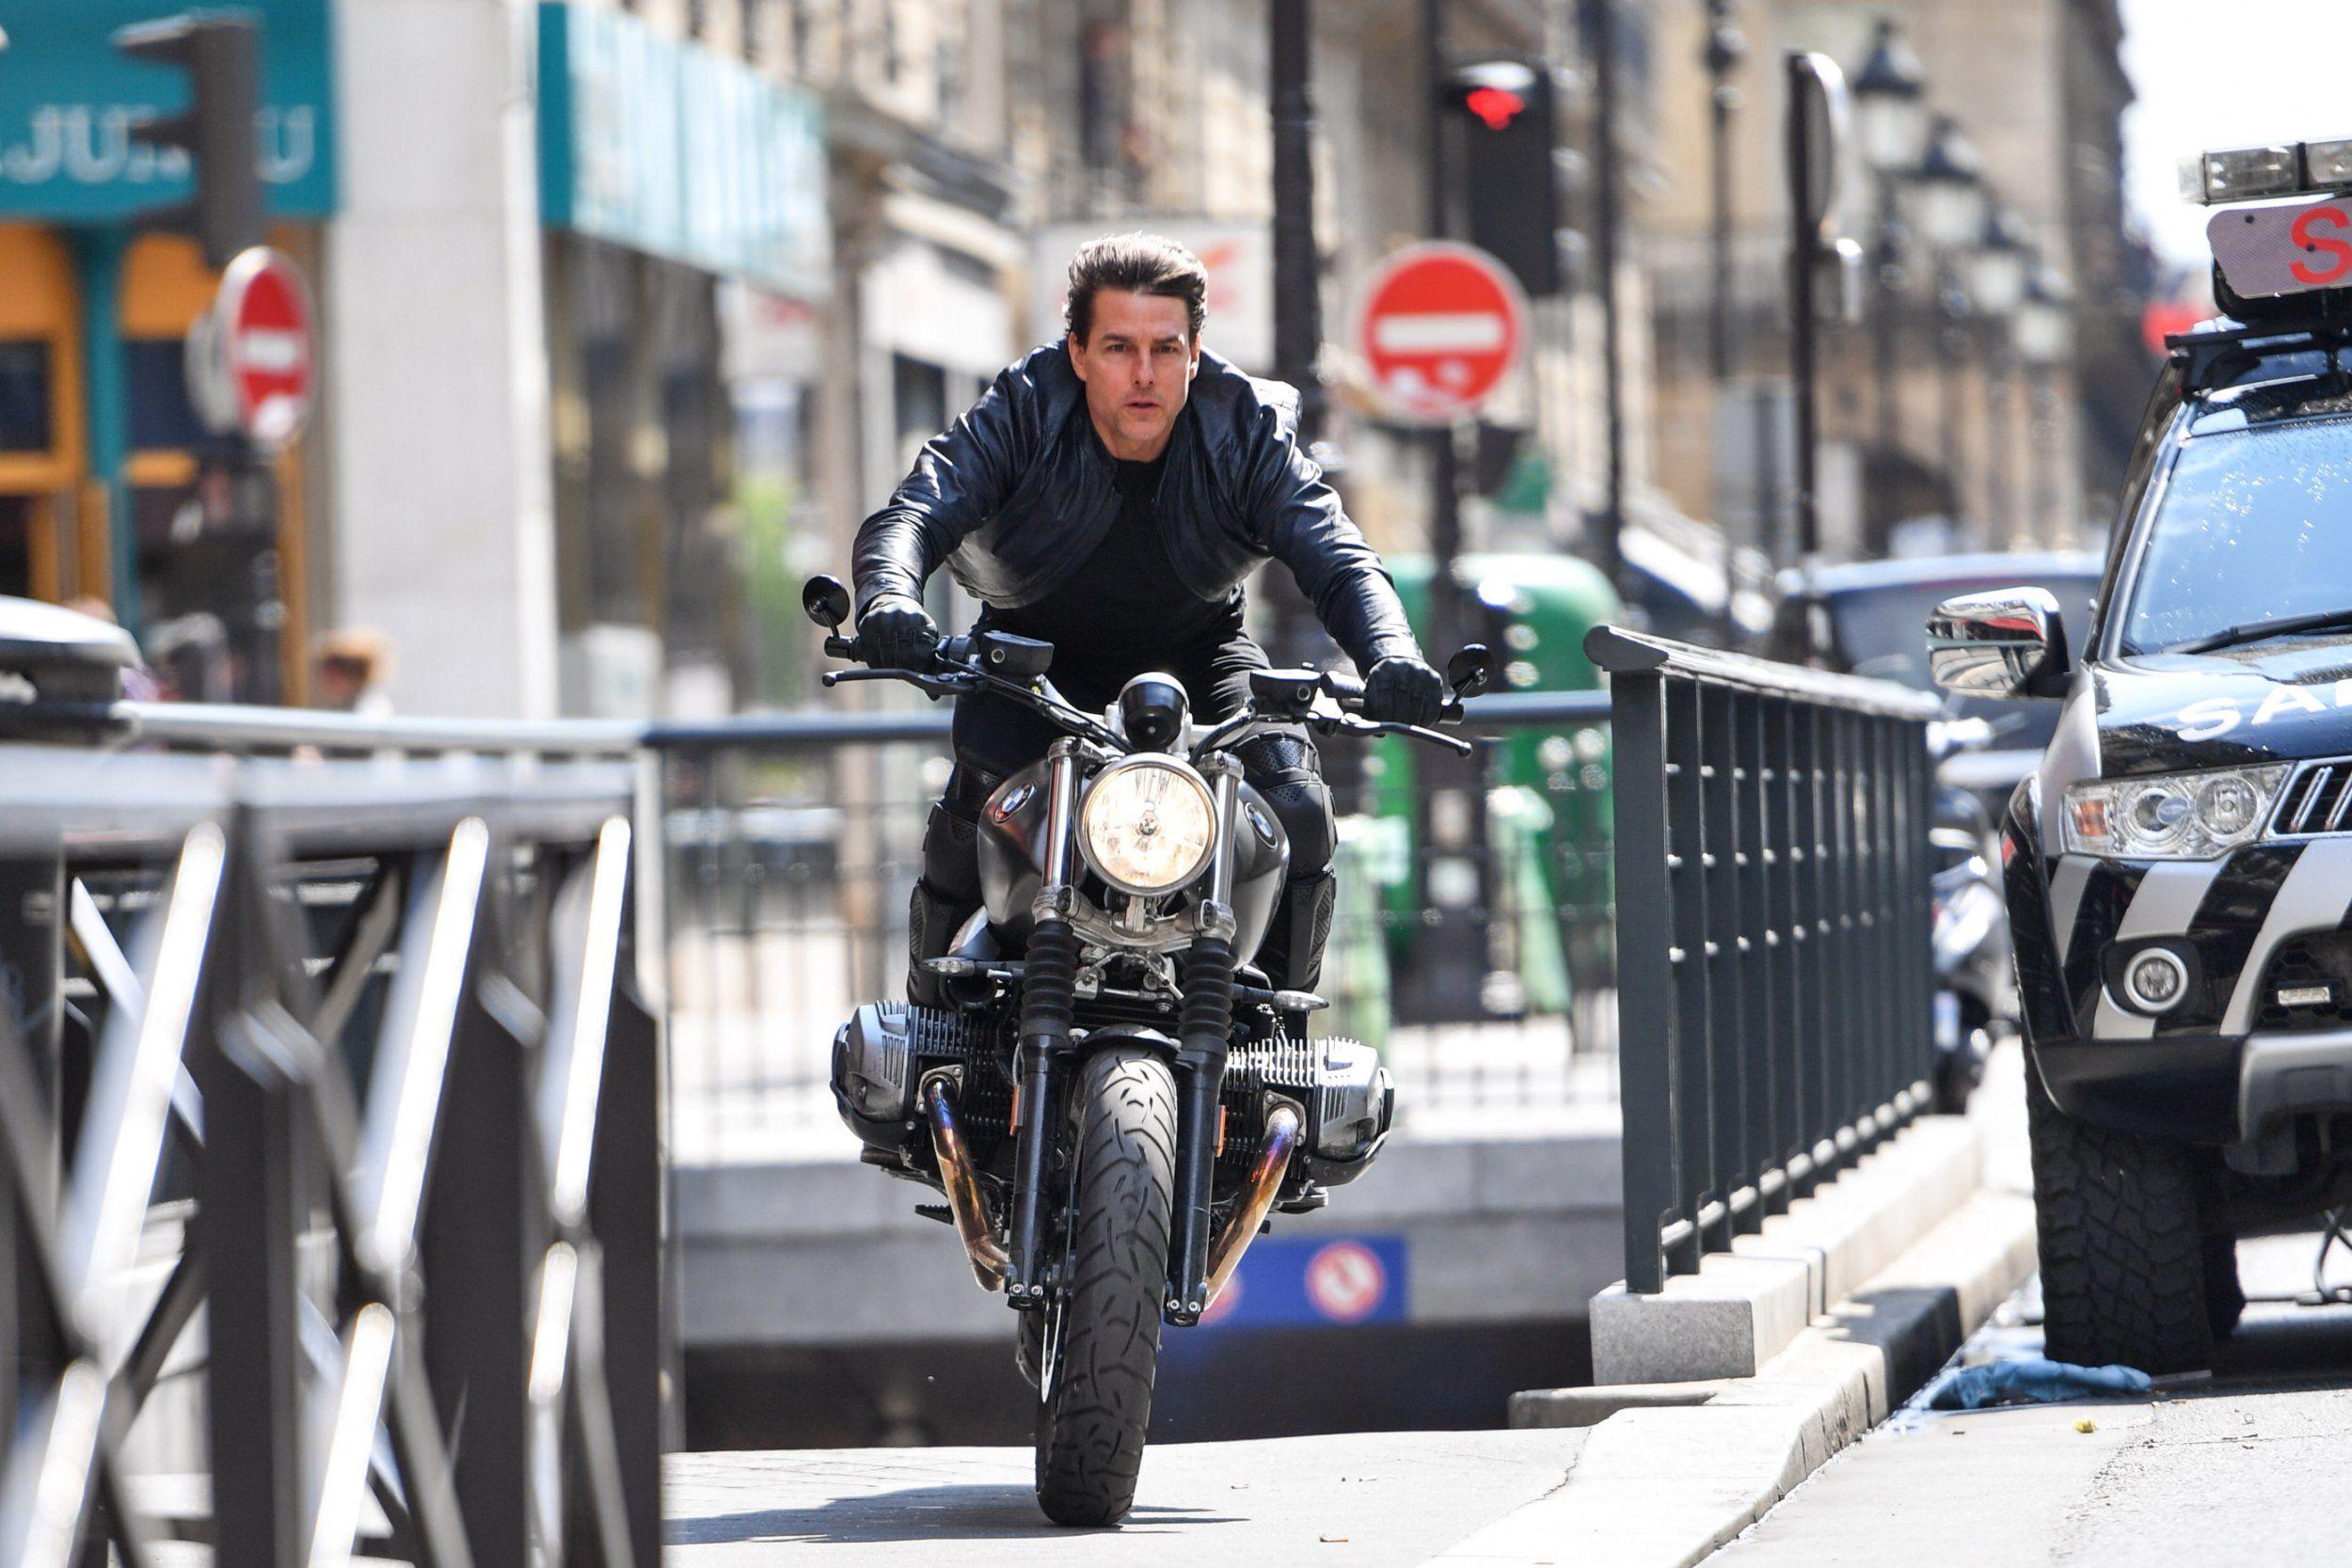 En Iyi Aksiyon Filmleri Listesi Son Yillarin En Cok Izlenen Yabanci Aksiyon Filmlerinin Konu Ozeti Imdb Puanlari Ve Yorumlar Tom Cruise Aksiyon Filmleri Film